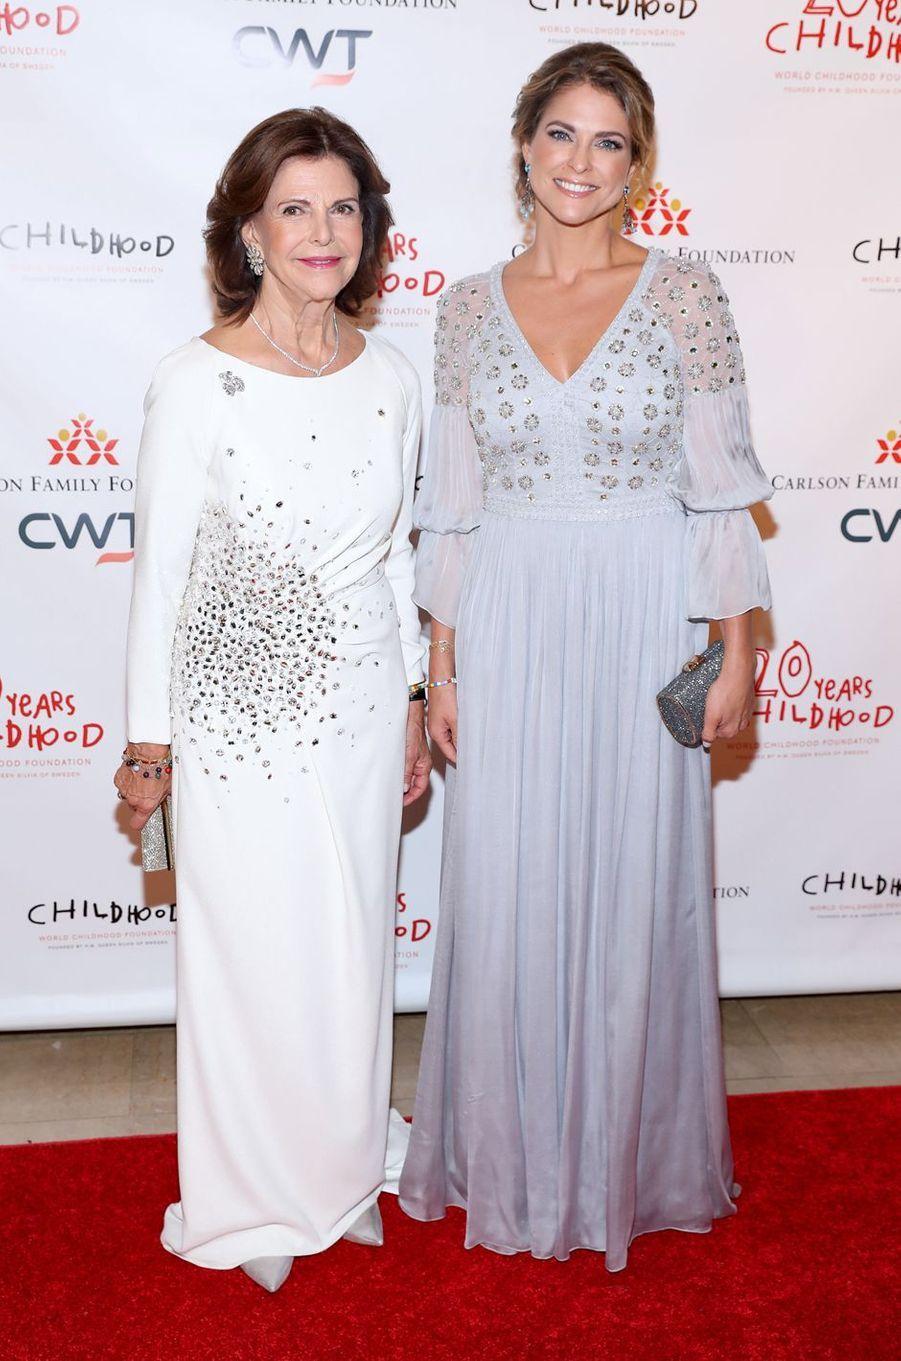 La reine Silvia et sa fille la princesse Madeleine de Suède, en Temperley London, à New York le 1er octobre 2019